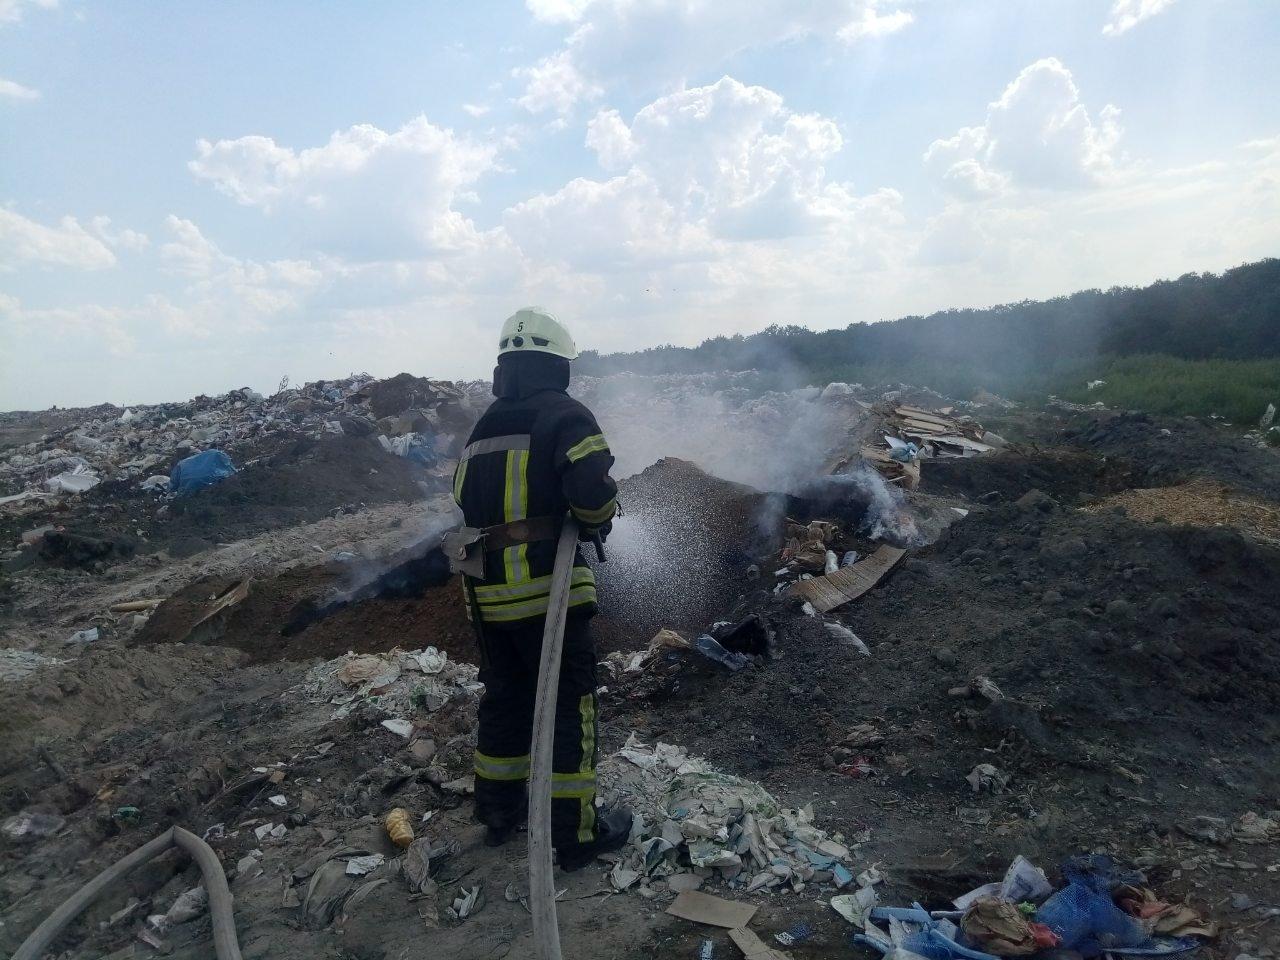 Кіровоградська область: на вихідних вогнеборці загасили 4 пожежі у житловому секторі та 3 займання сухої трави і сміття (ФОТО), фото-6